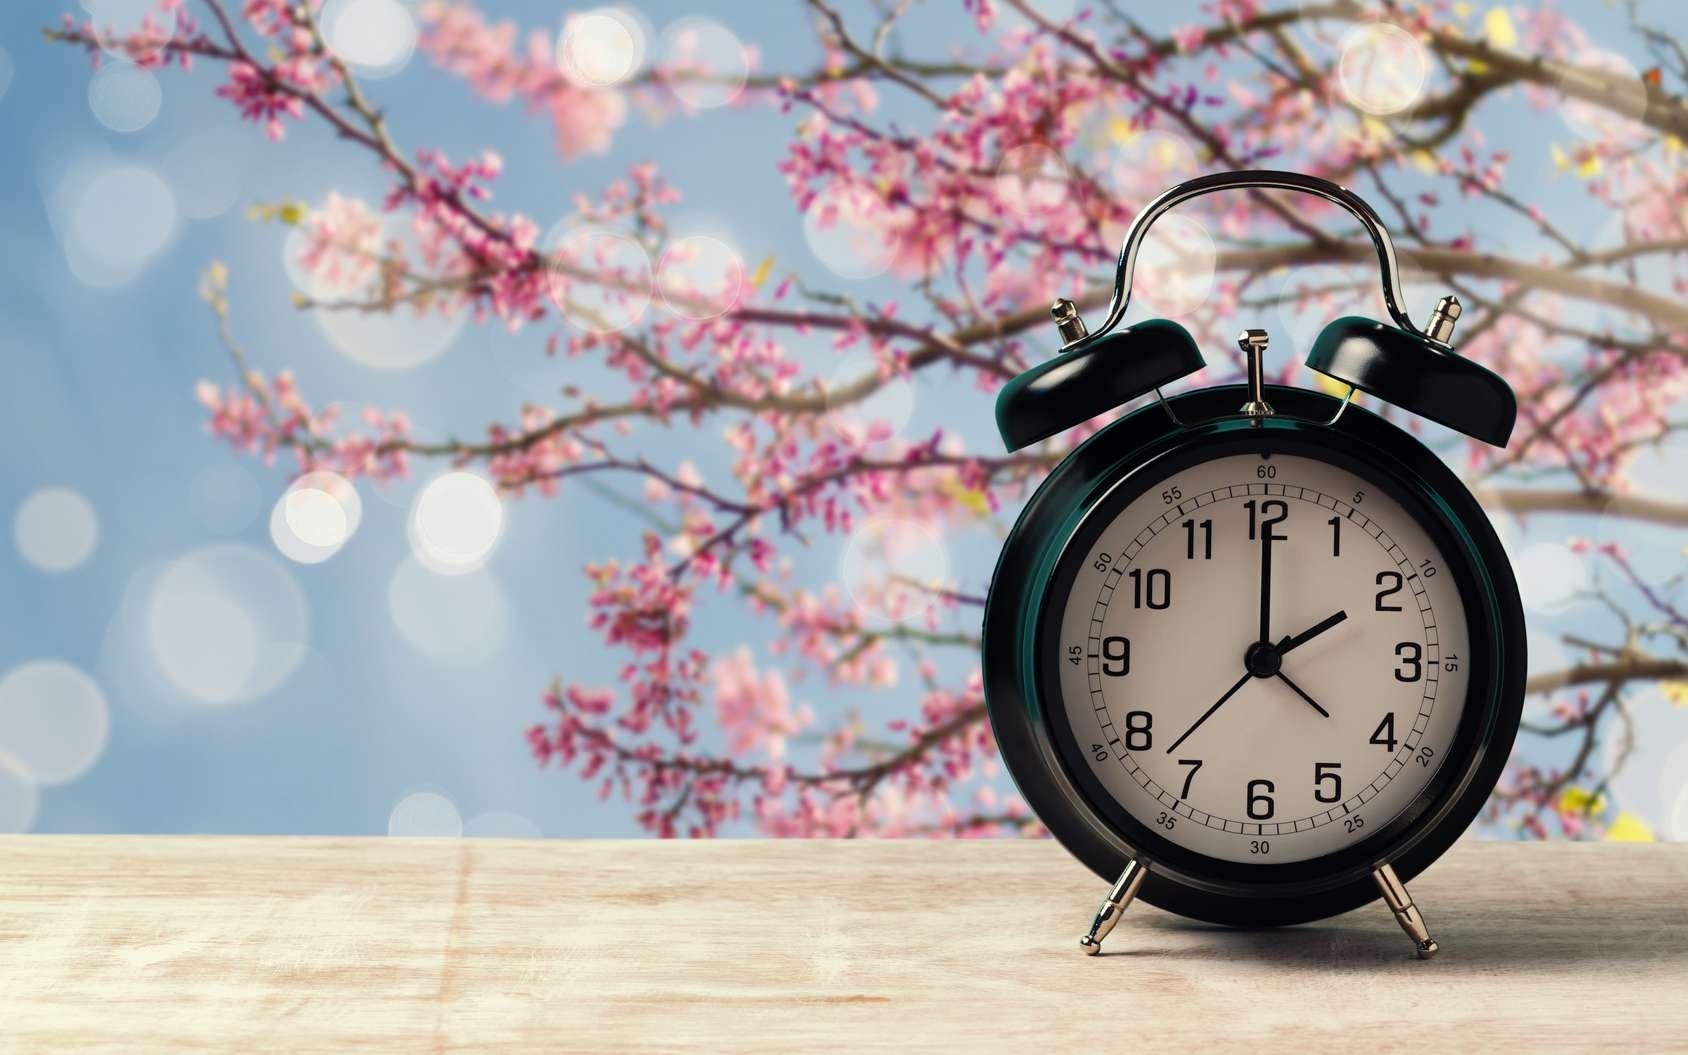 Le changement d'heure d'été a plus de 100 ans ! © maglara, fotolia